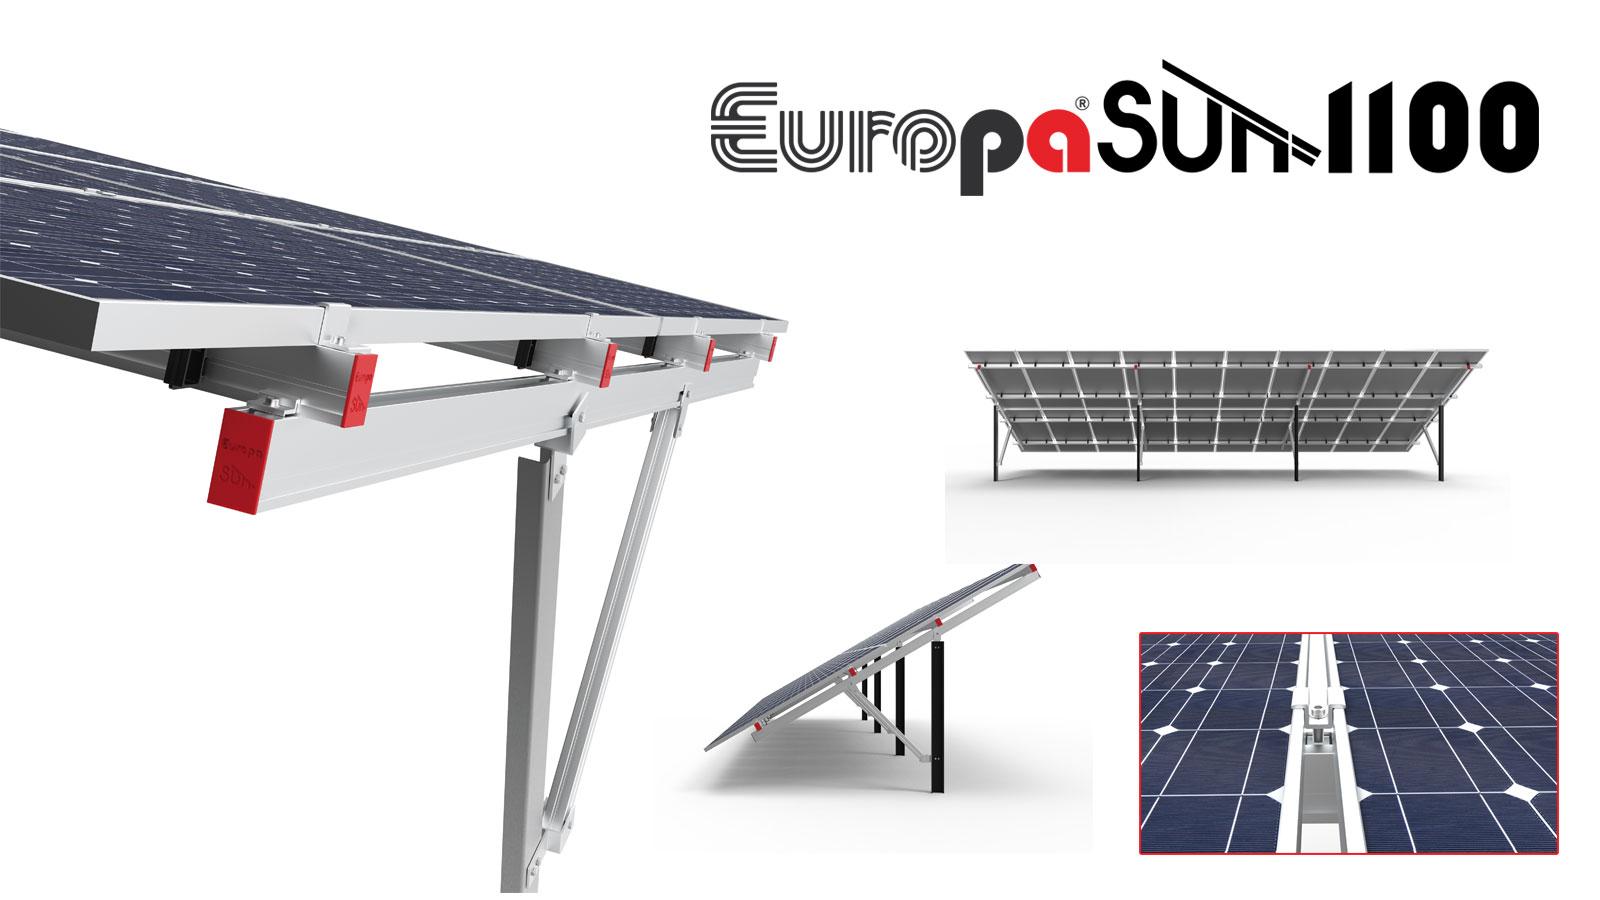 EUROPA Sun 1100